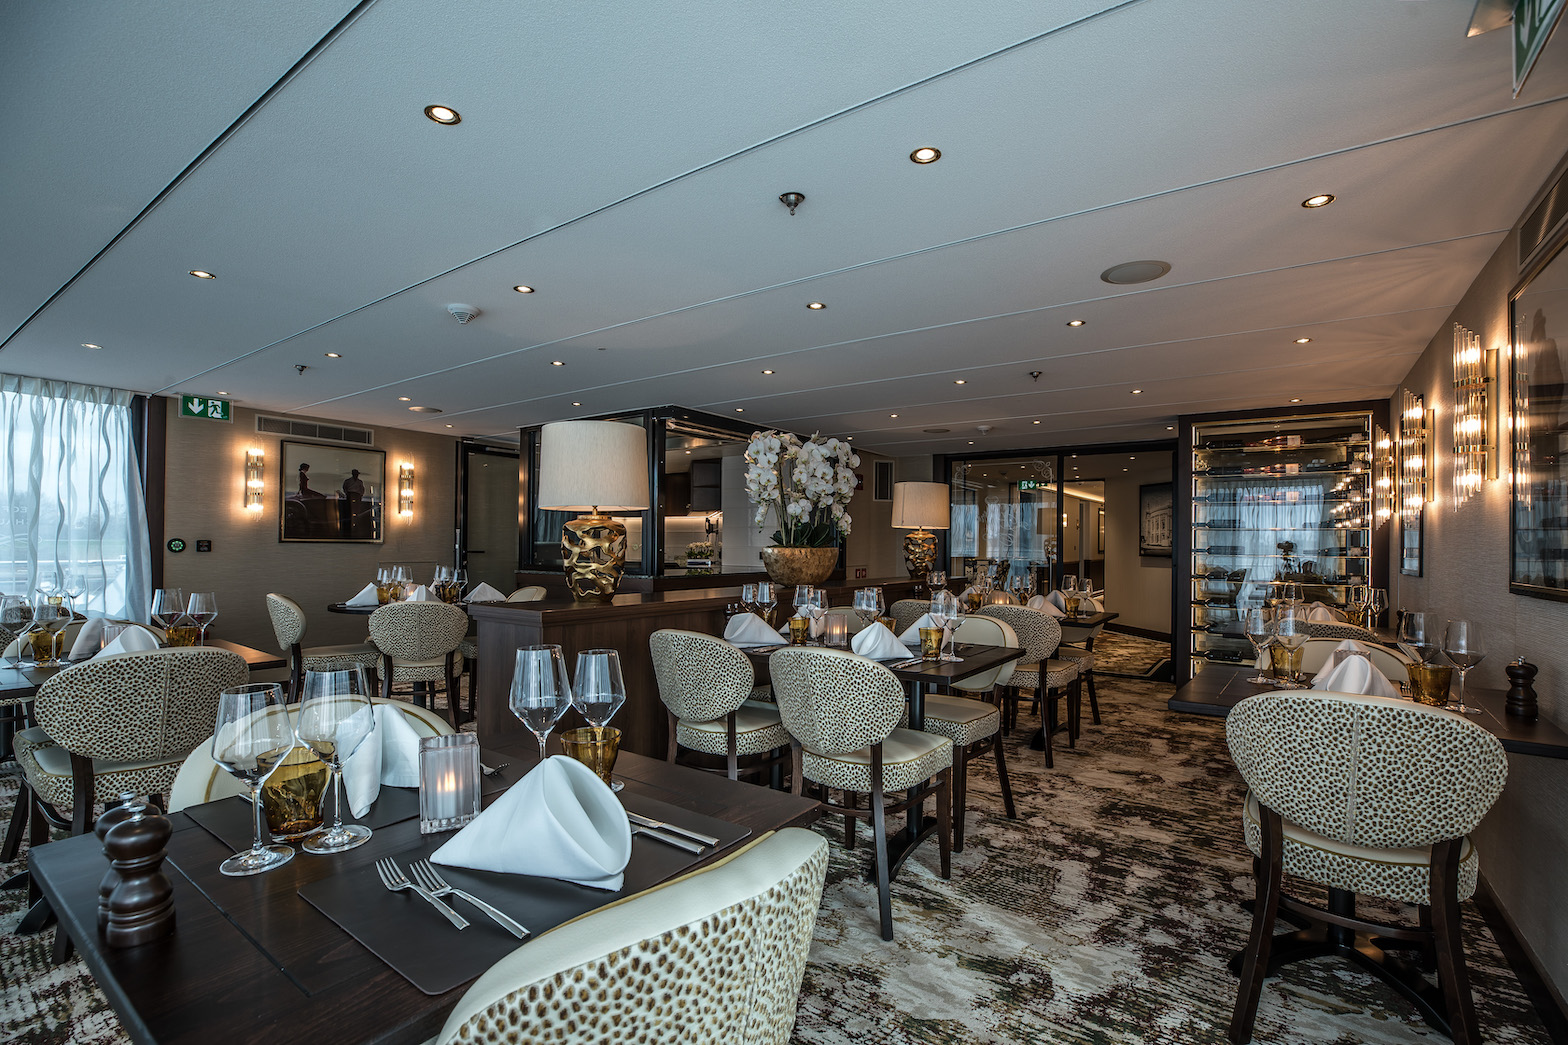 MS Geoffrey Chaucer Spezialitäten Restaurant